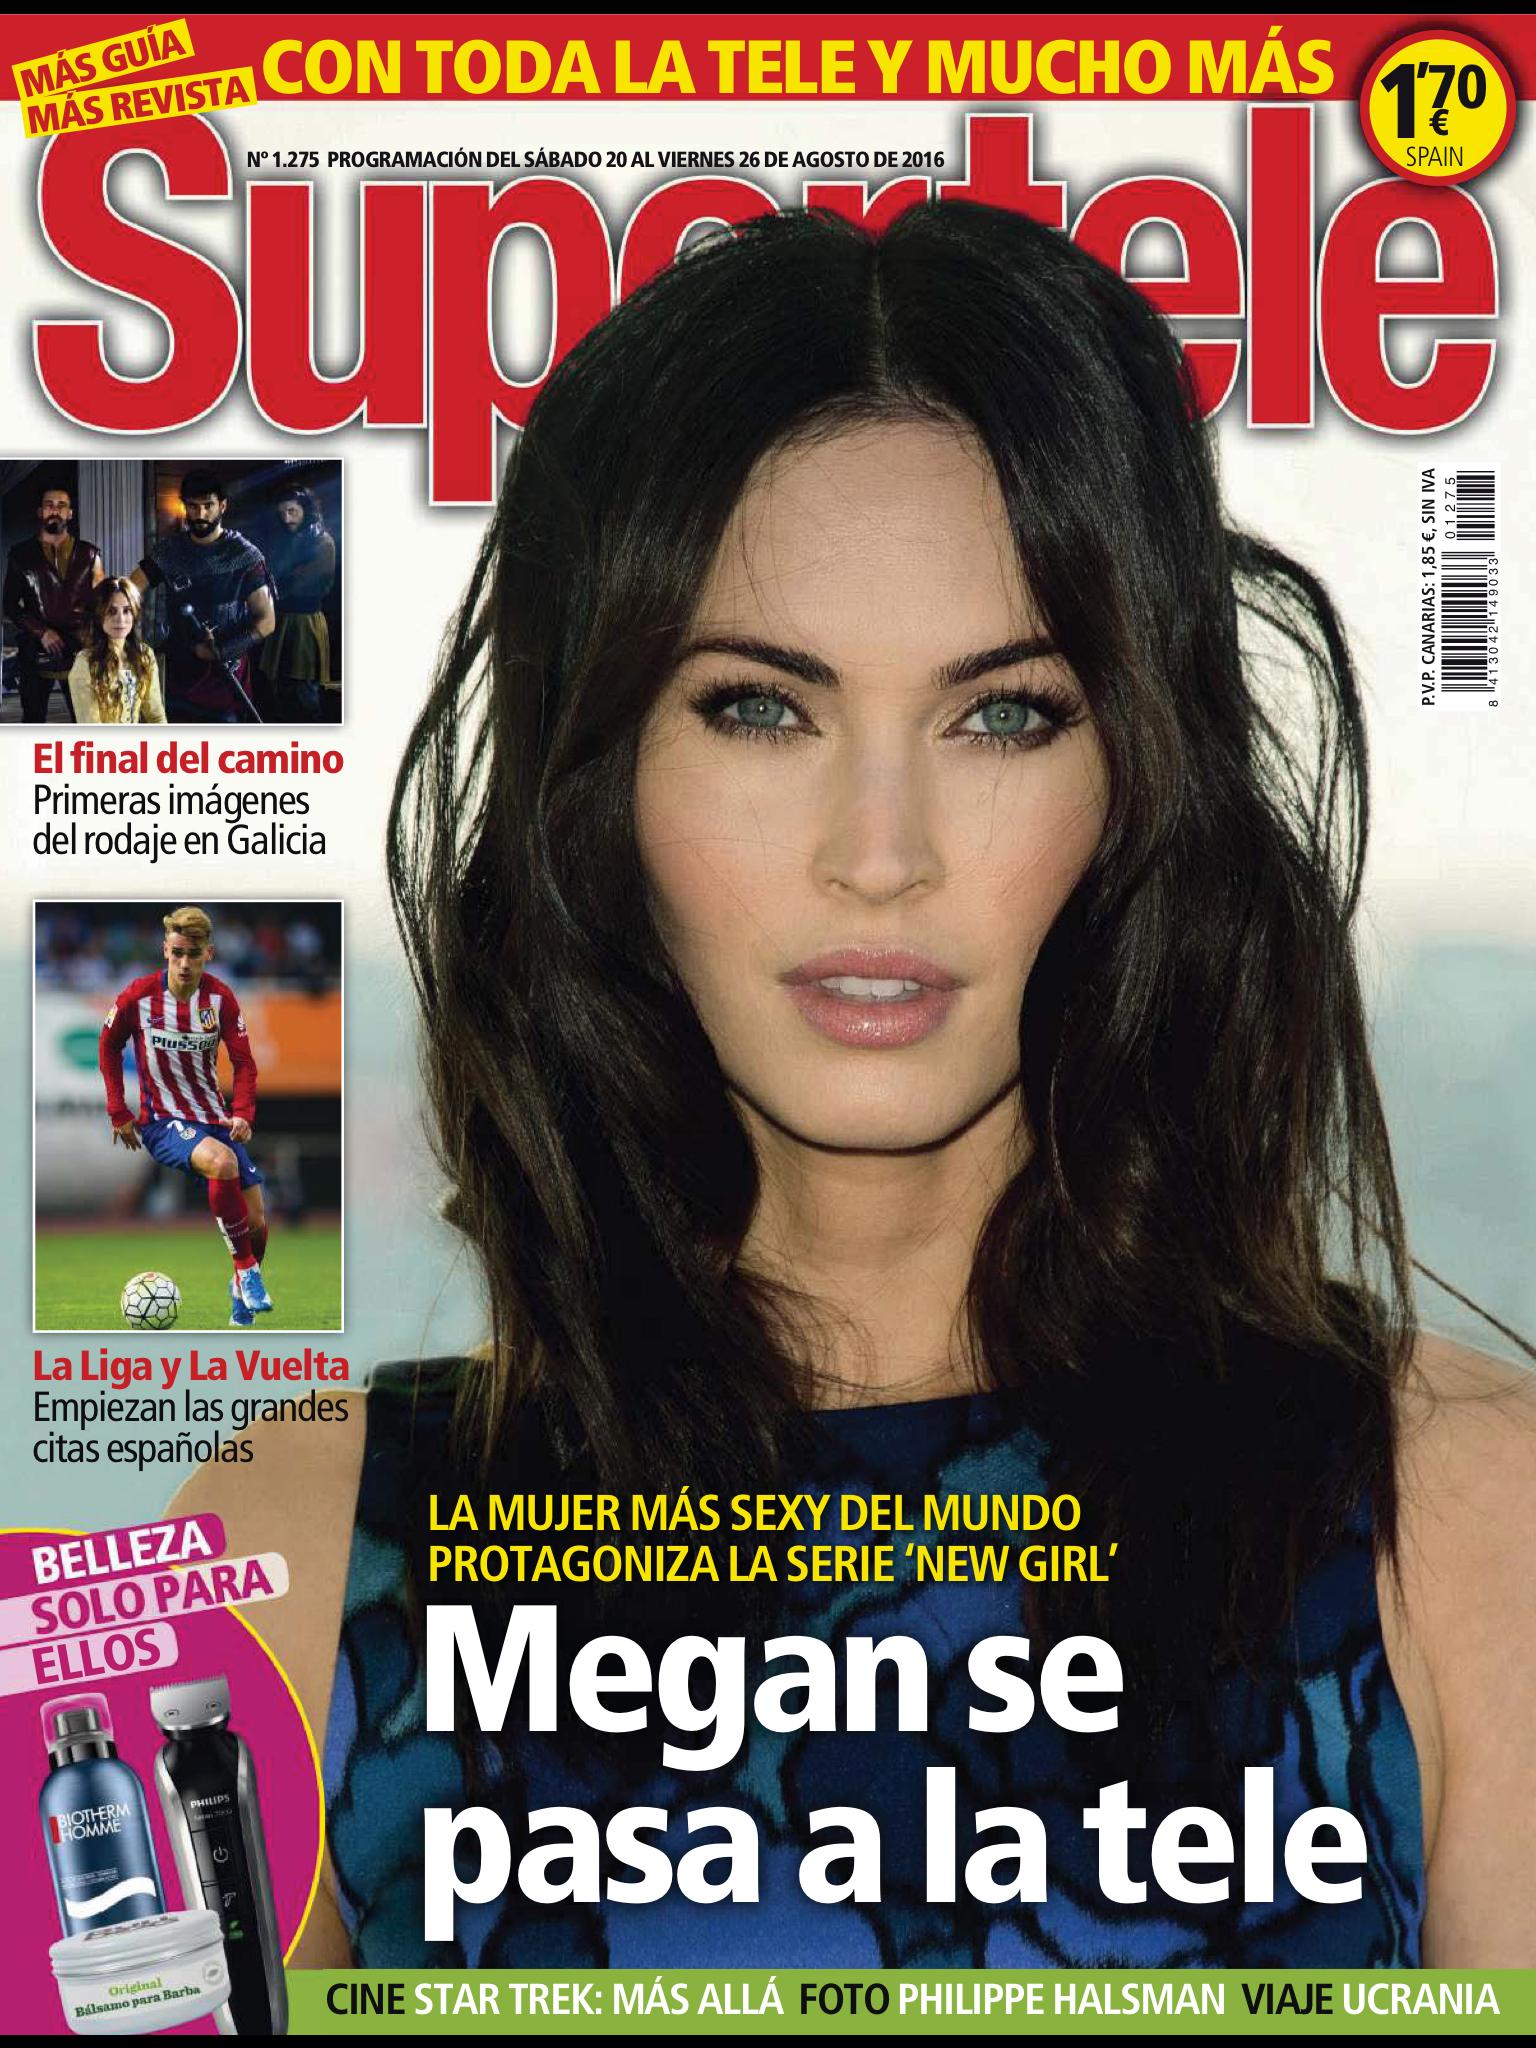 SuperTele Spain Cover.jpg